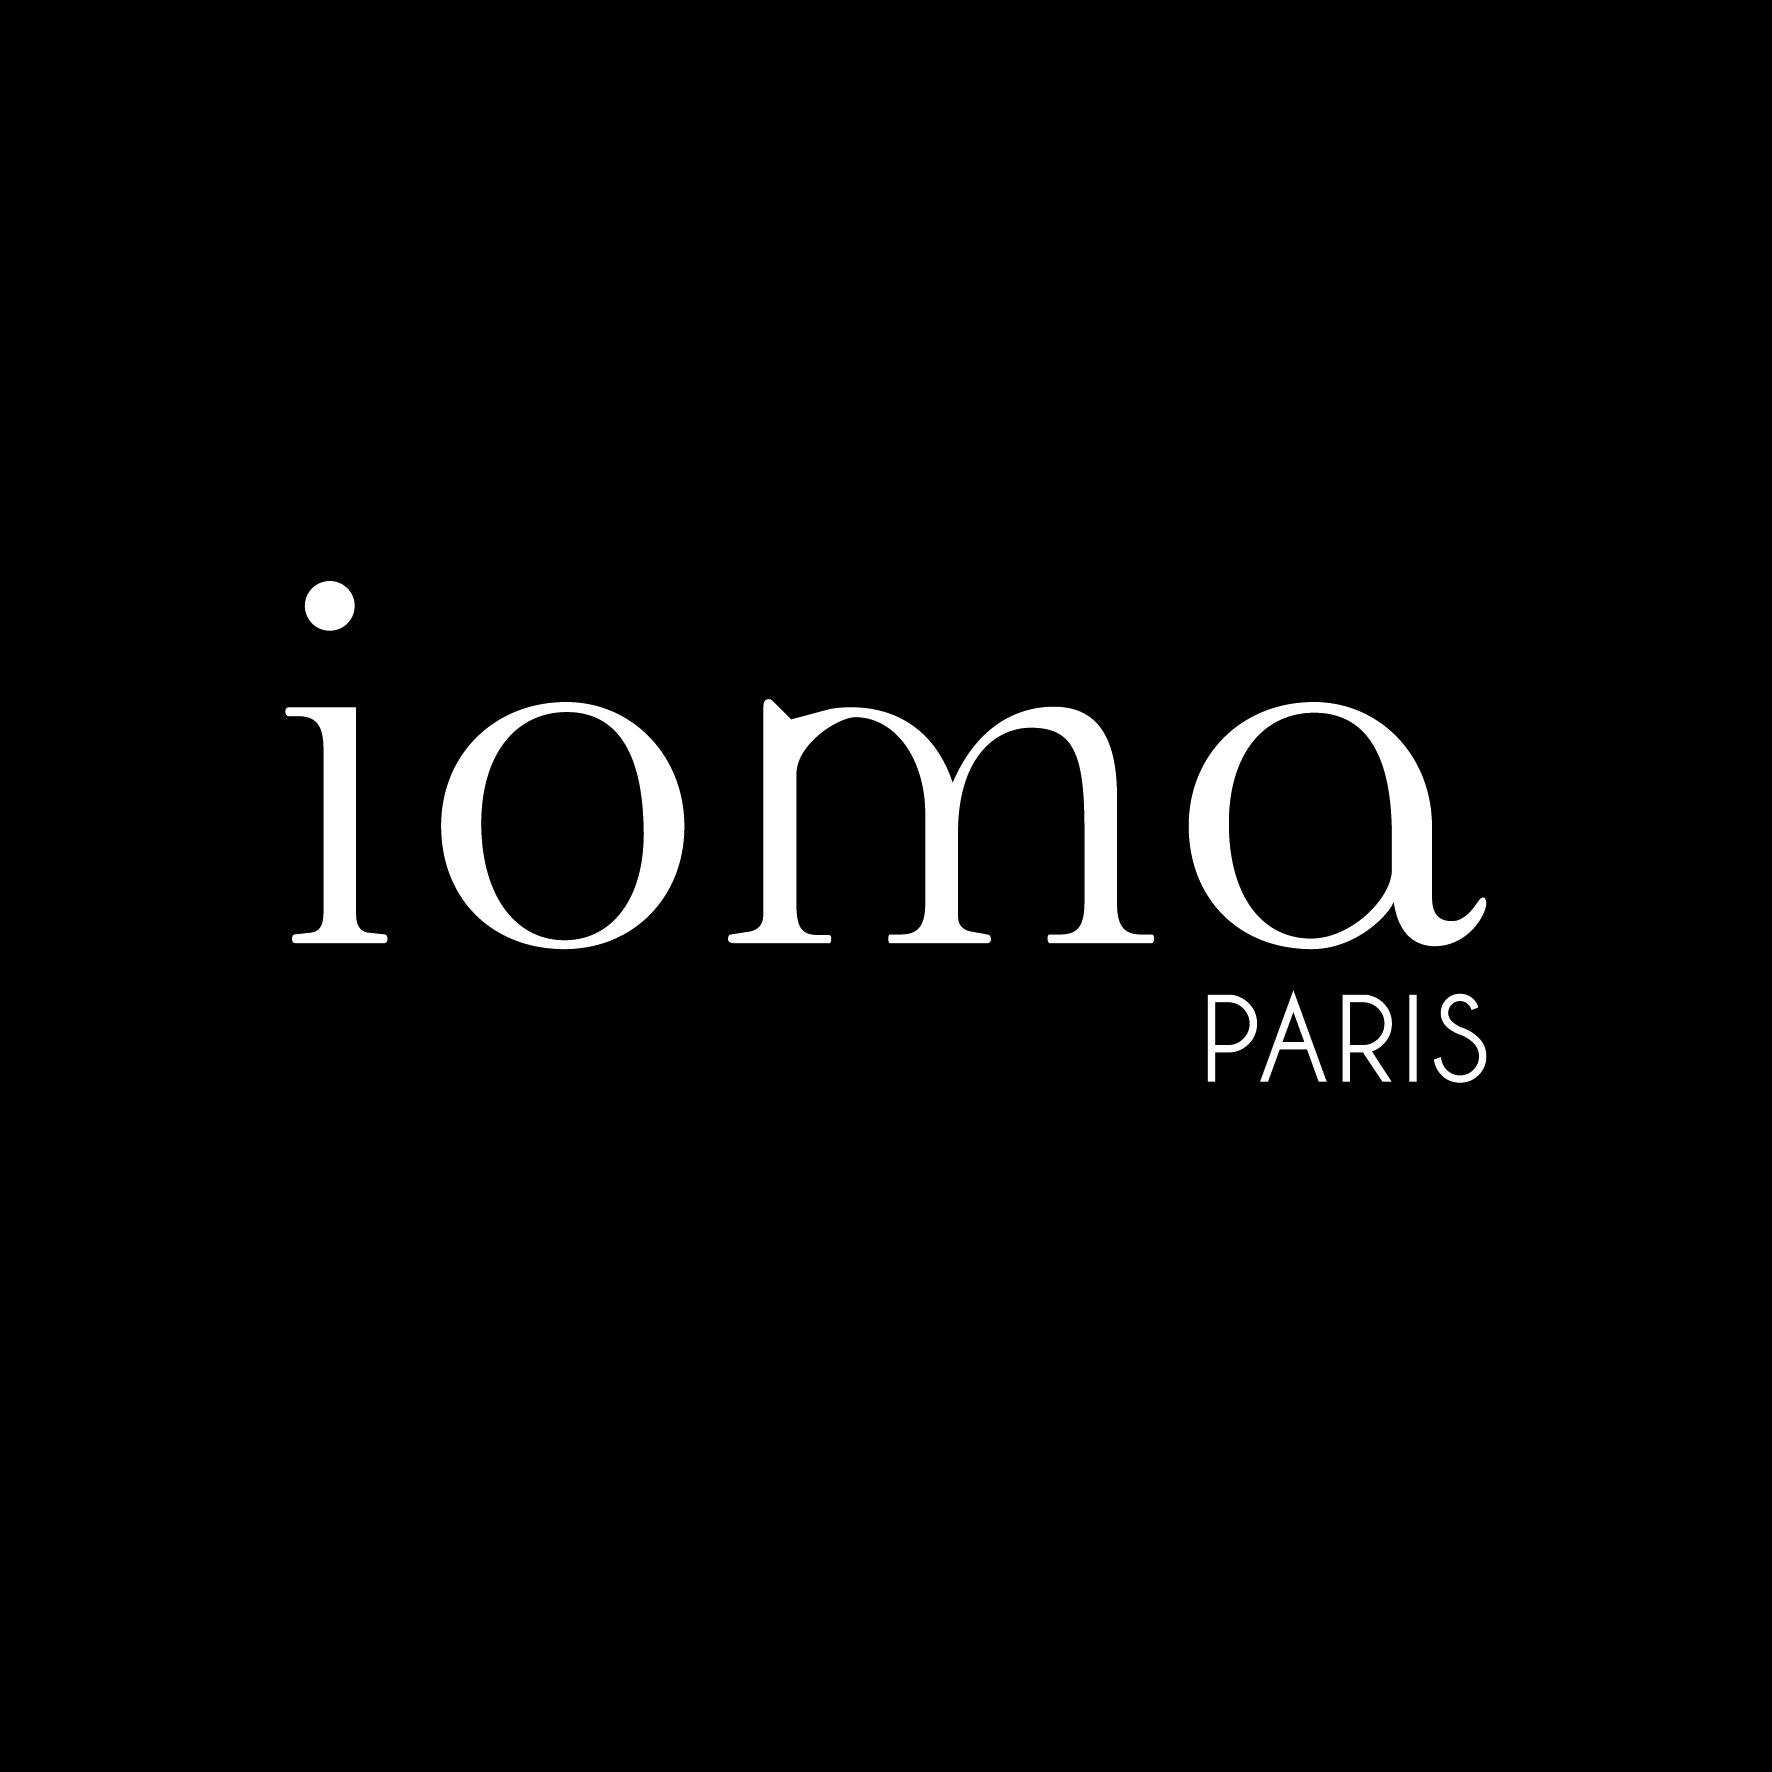 @ioma_paris